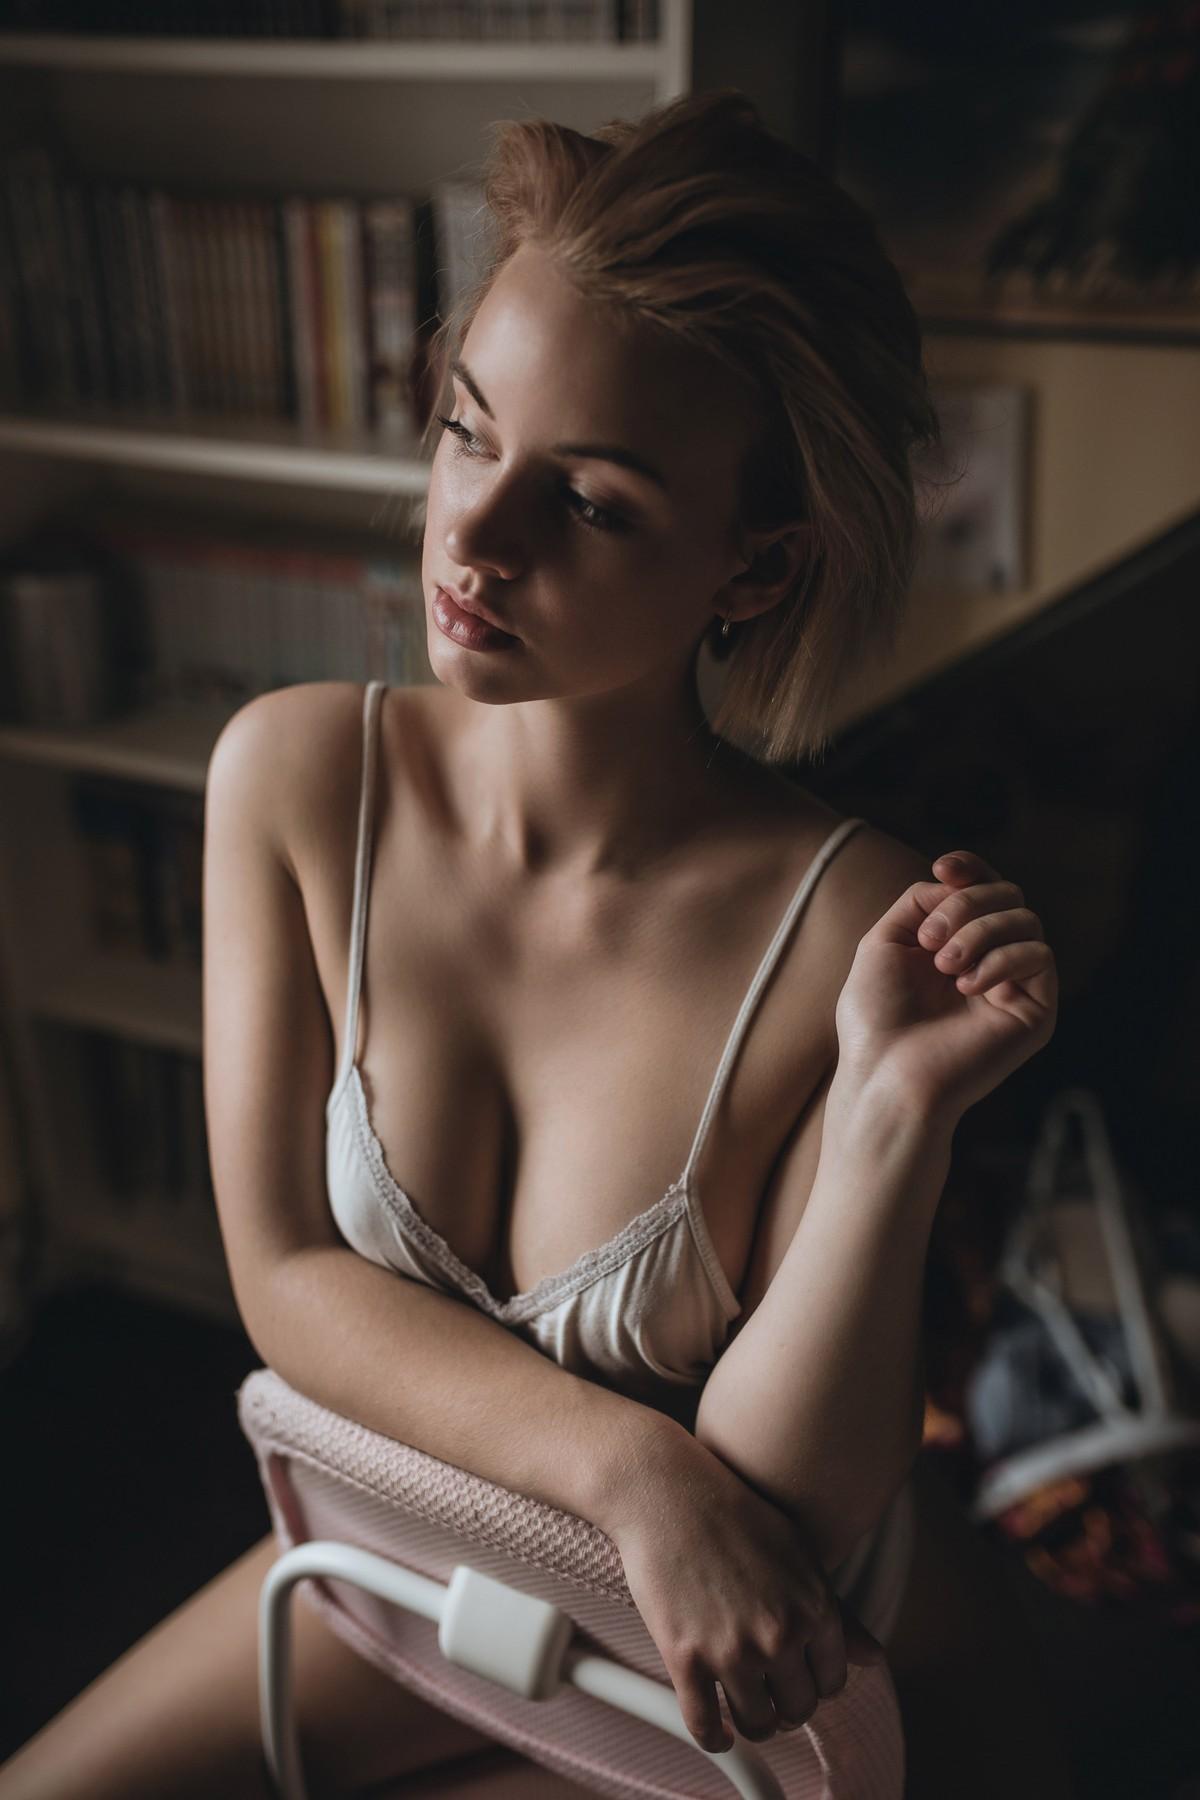 Чувственные снимки девушек от Леви Прайса